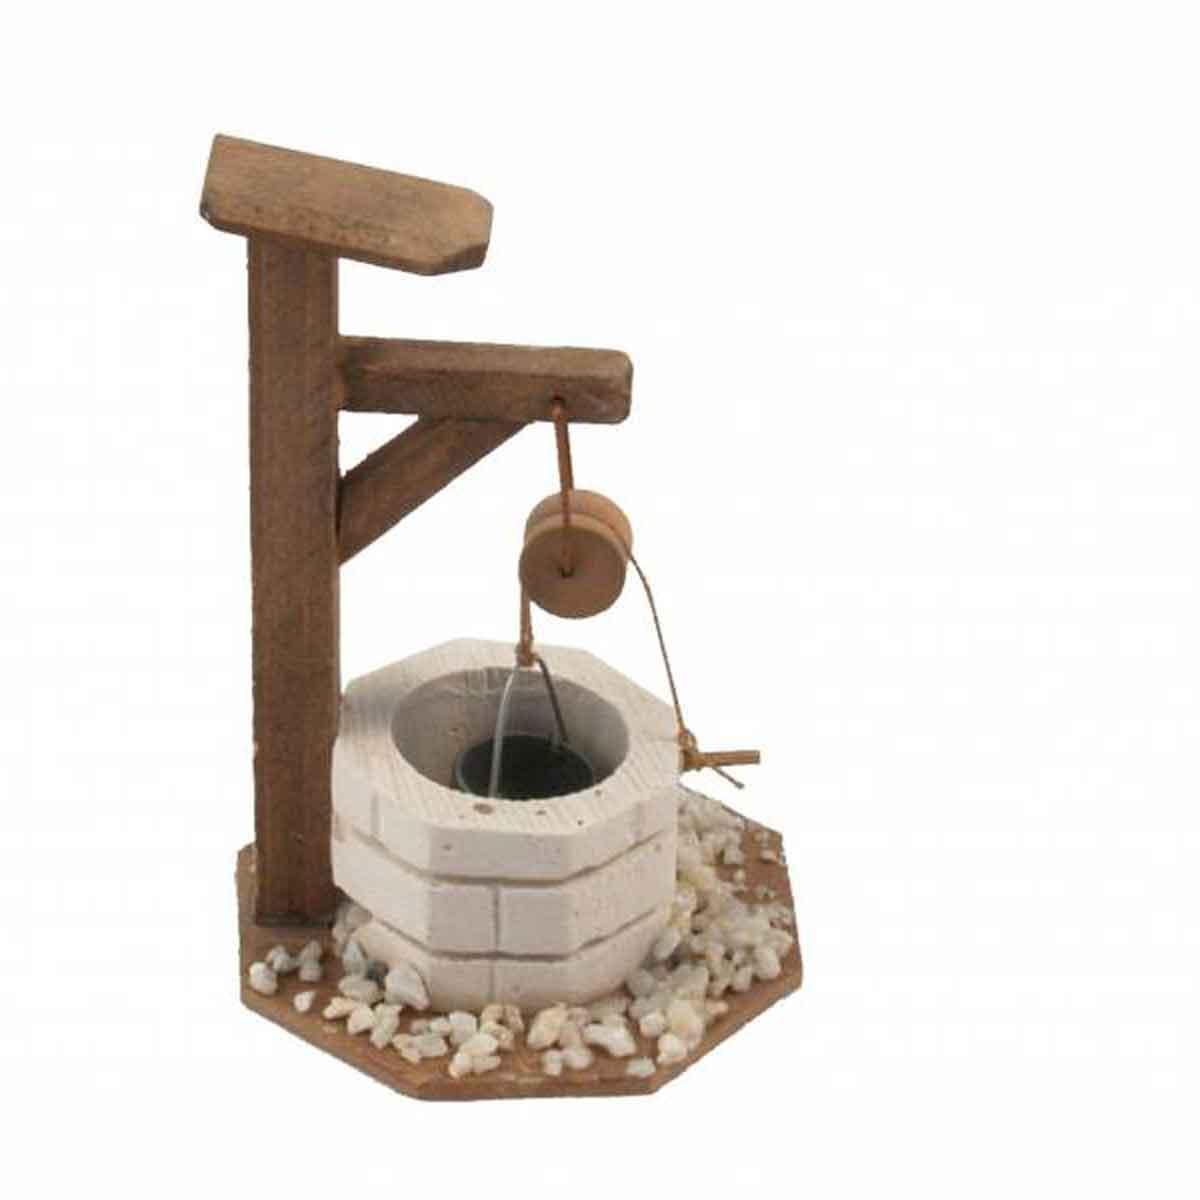 Presepe – Pozzo in legno con carrucola